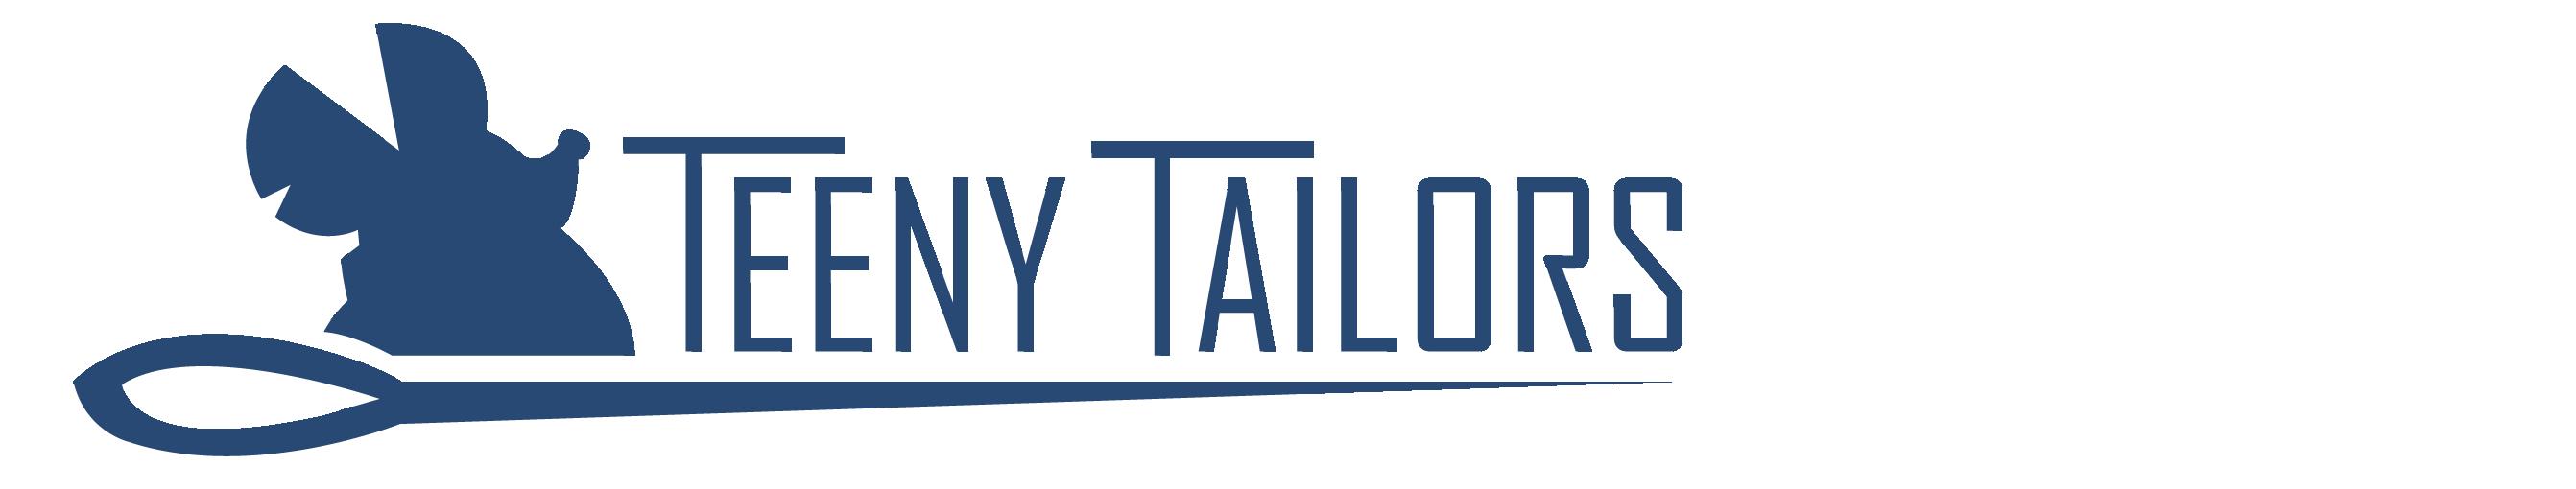 Teeny Tailor